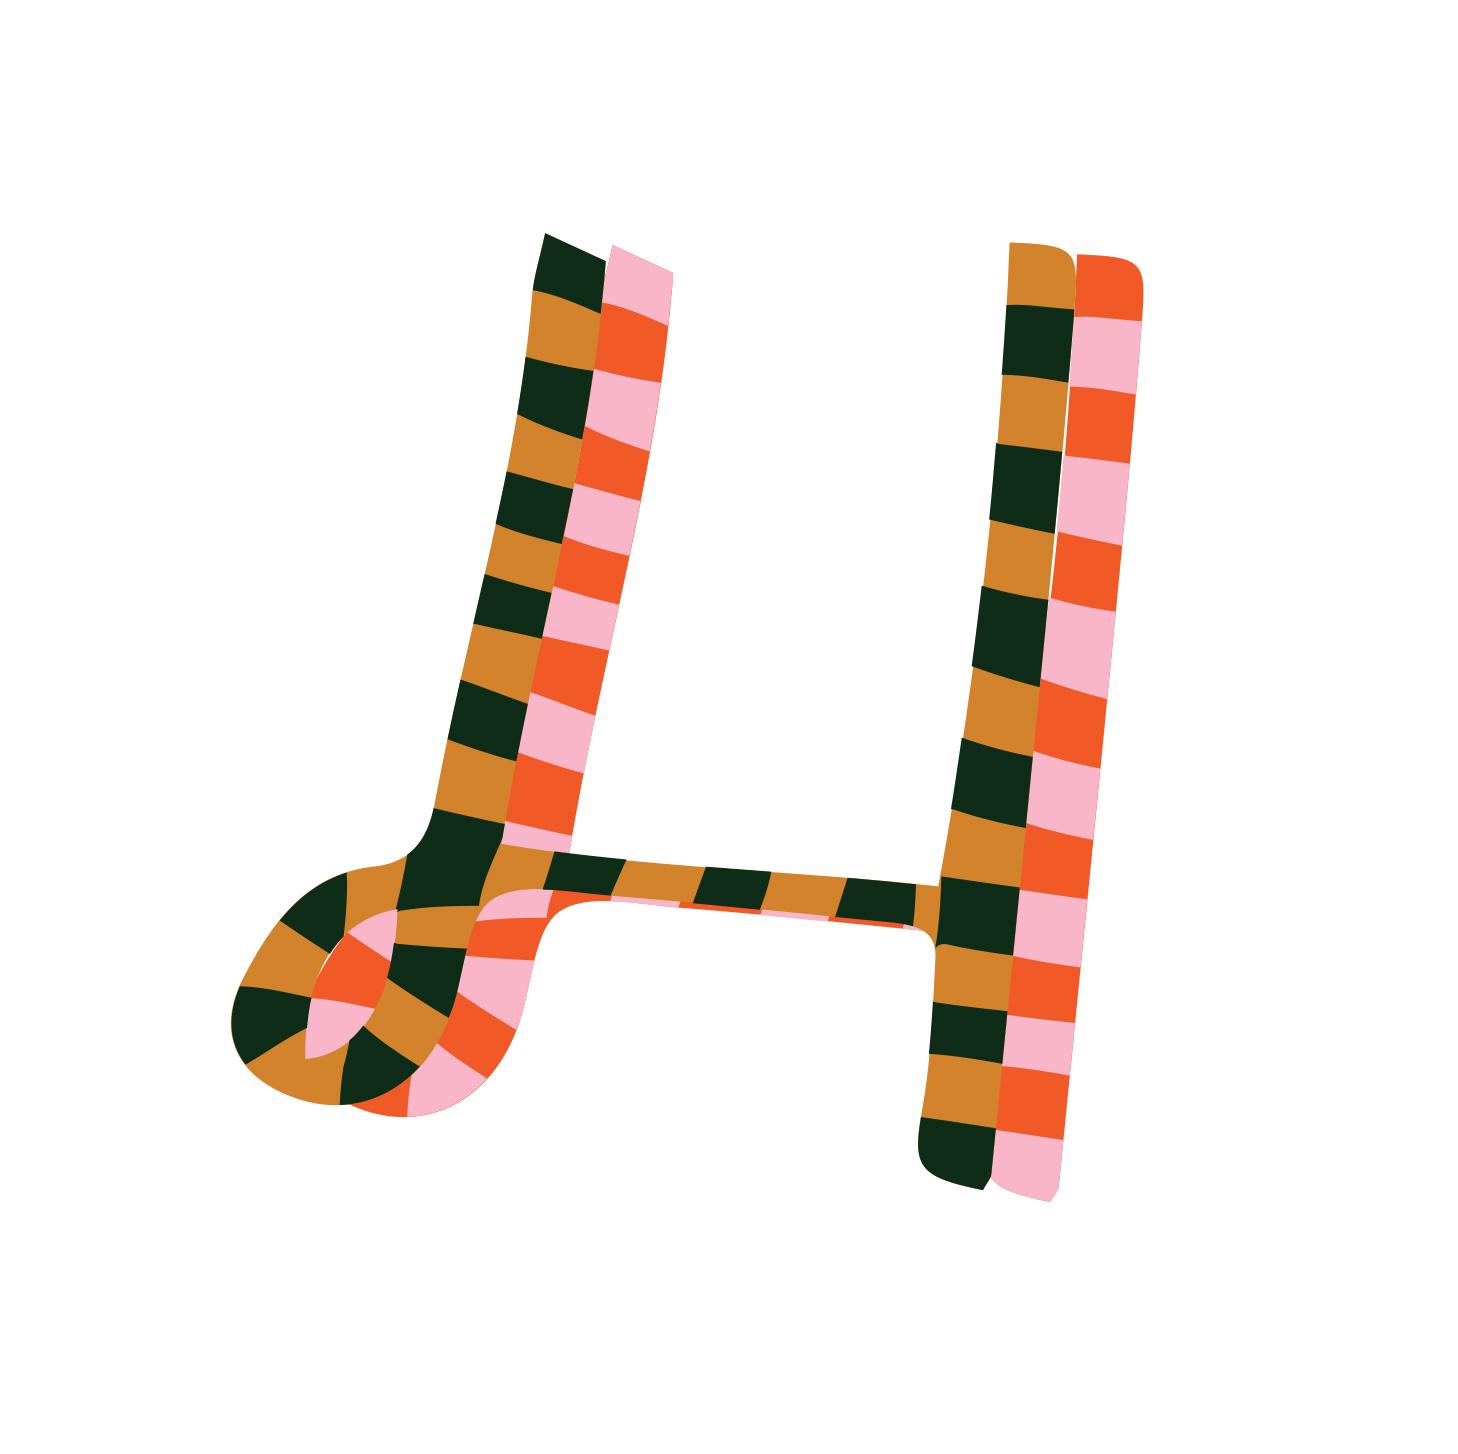 HEW_INSTA8.jpg